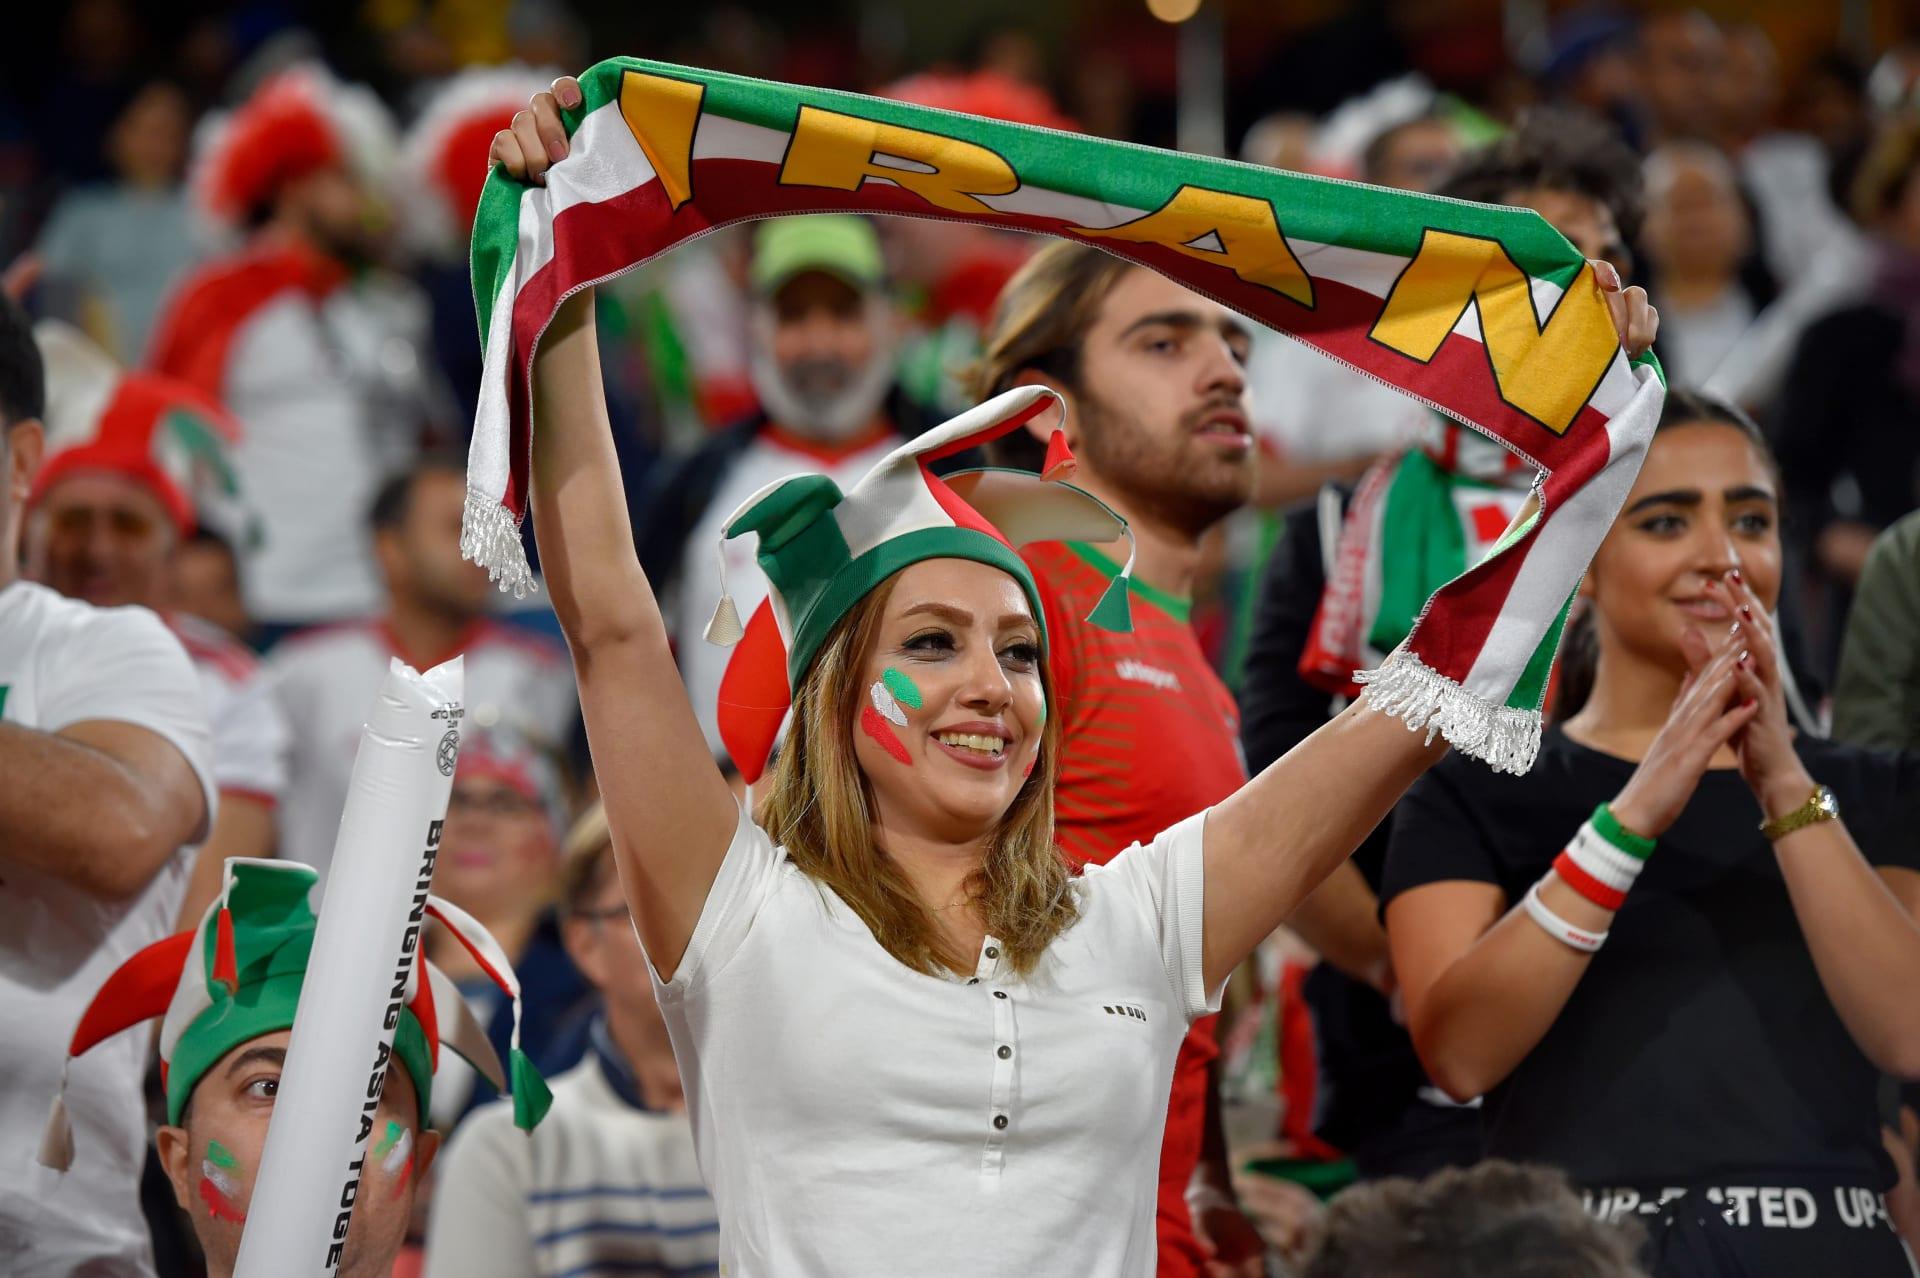 عُمان تودع كأس آسيا.. وإيران تضرب موعدا مع الصين